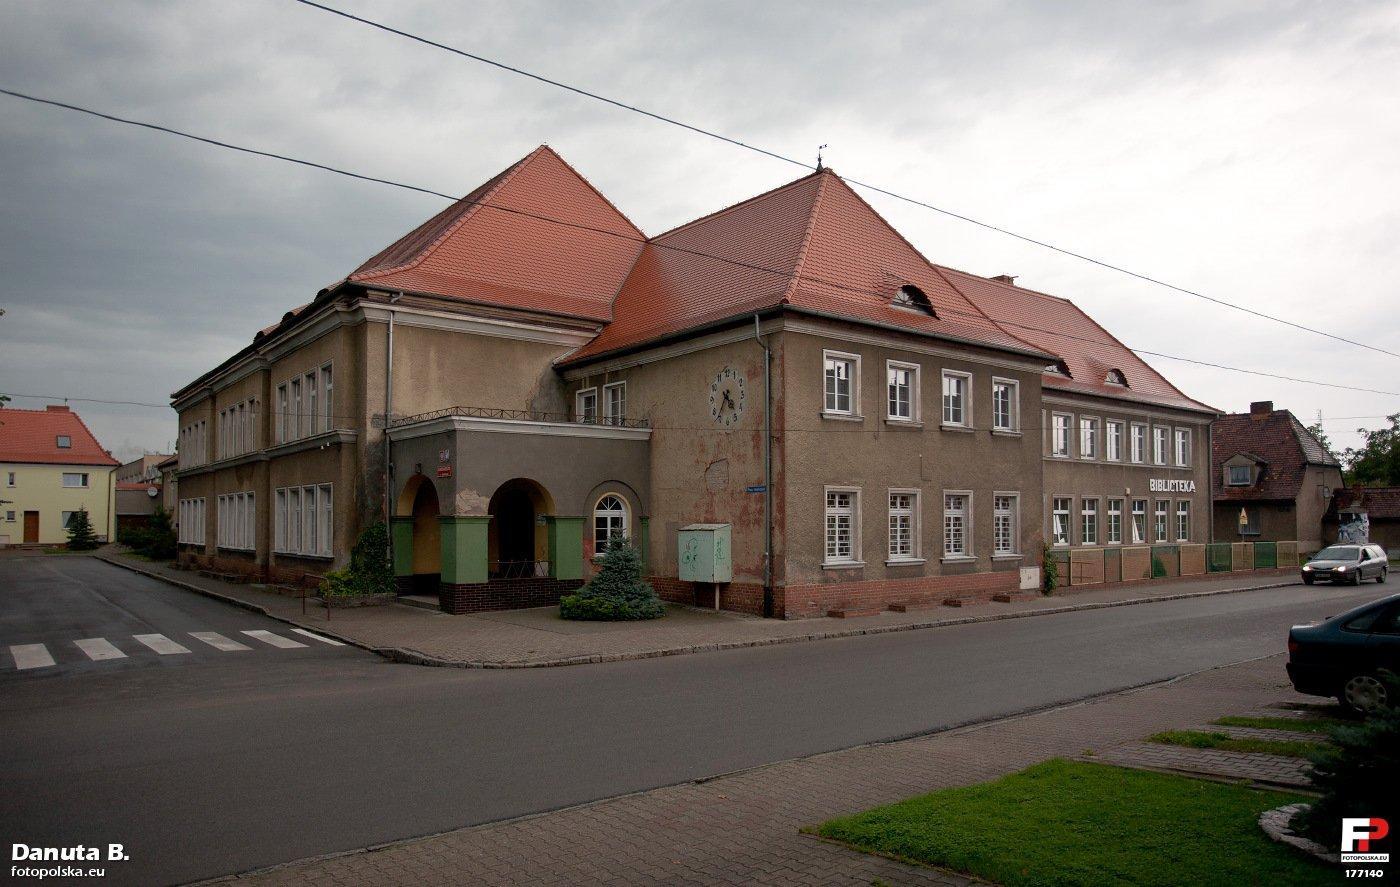 Budynki oświaty przy Placu Wolności | fot. Danuta B. | fotopolska.eu | lic. CC-BY-3.0